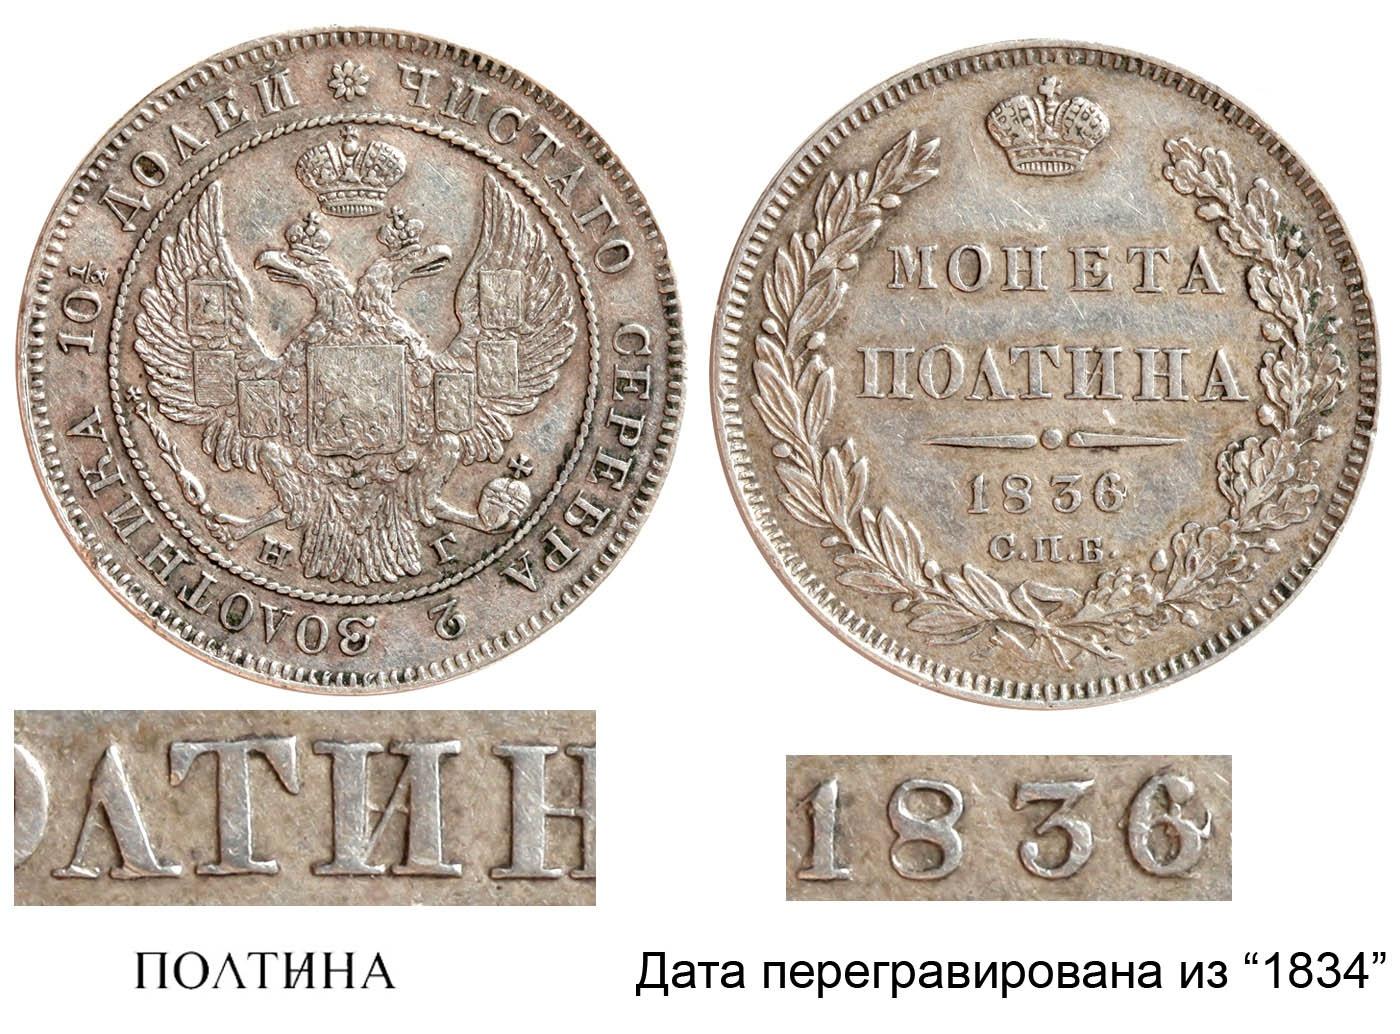 Полтина 1836 СПБ-НГ  ПОЛТННА - моя из 1834.jpg